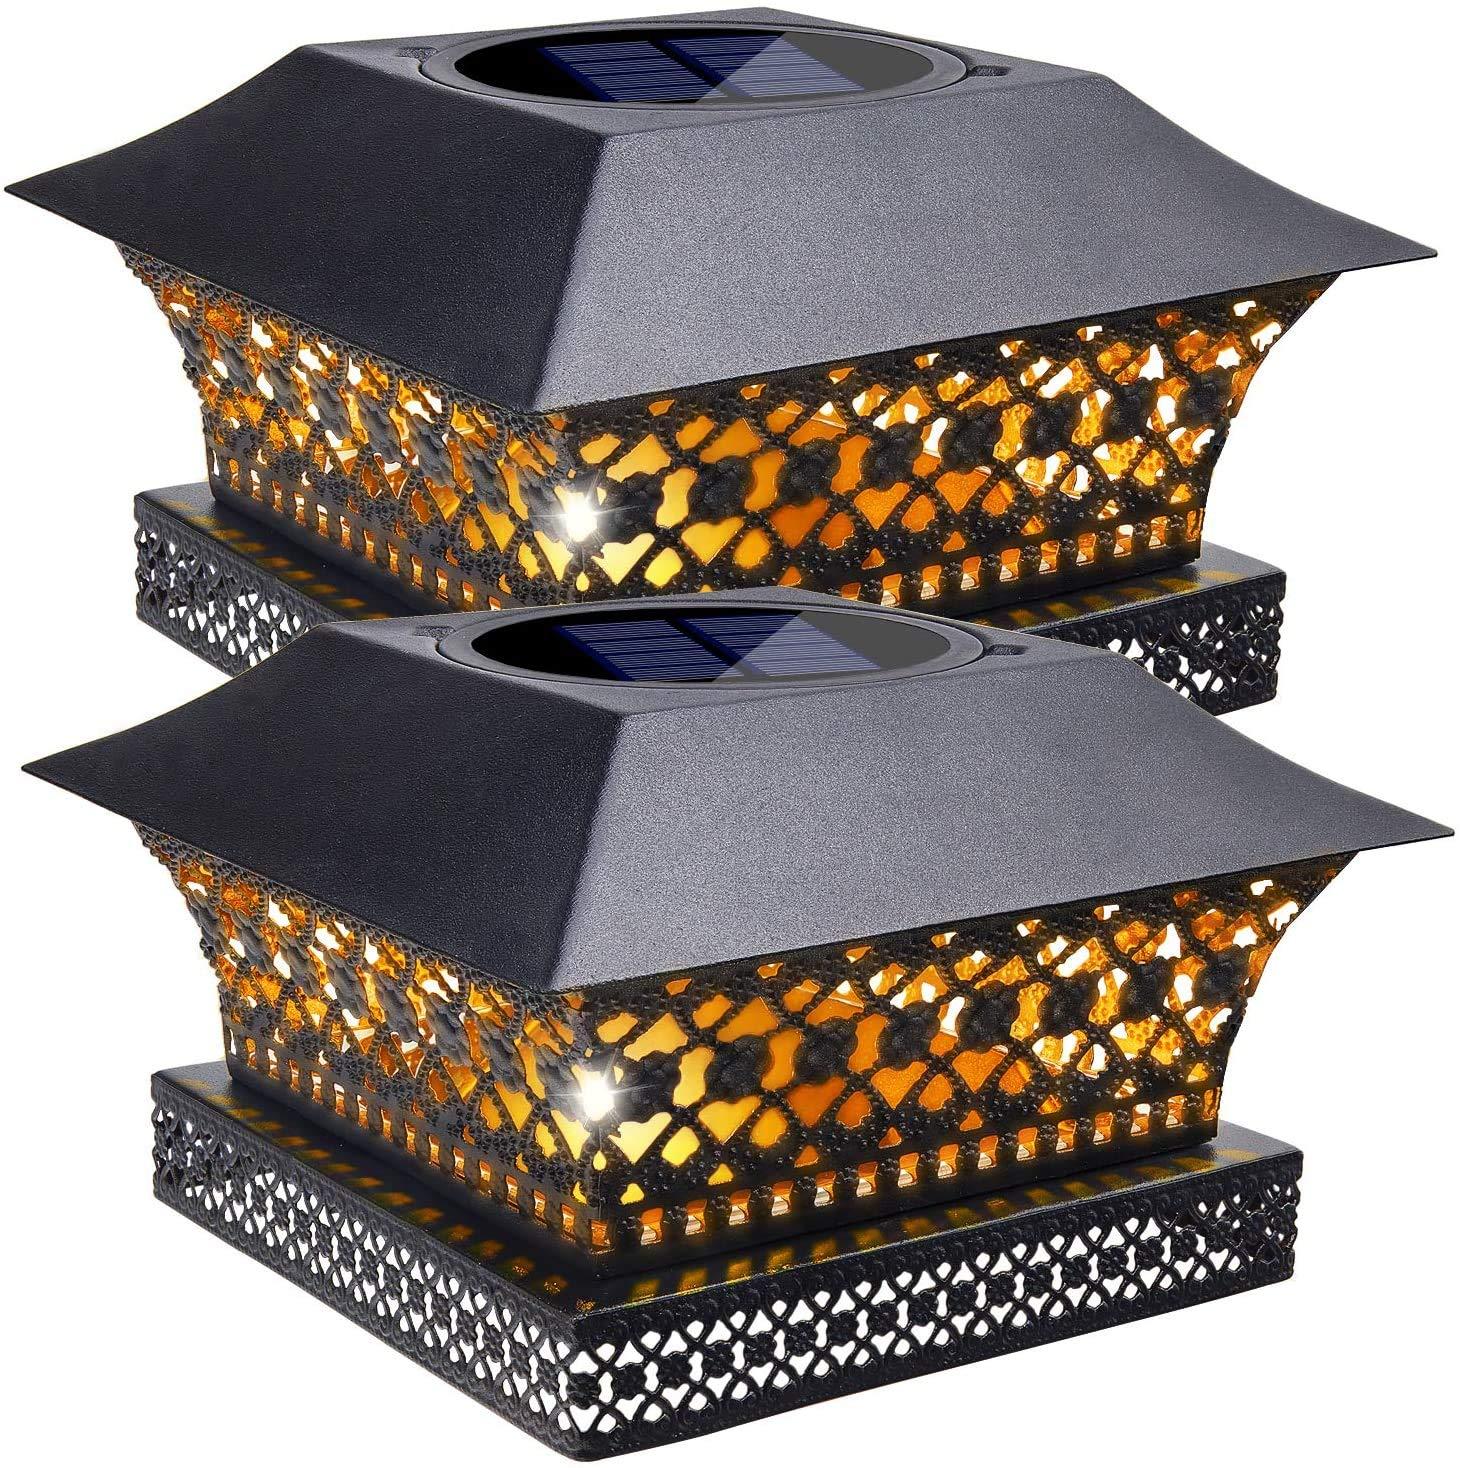 Siedinlar Solar Post Lights Outdoor Fence Deck Cap Light